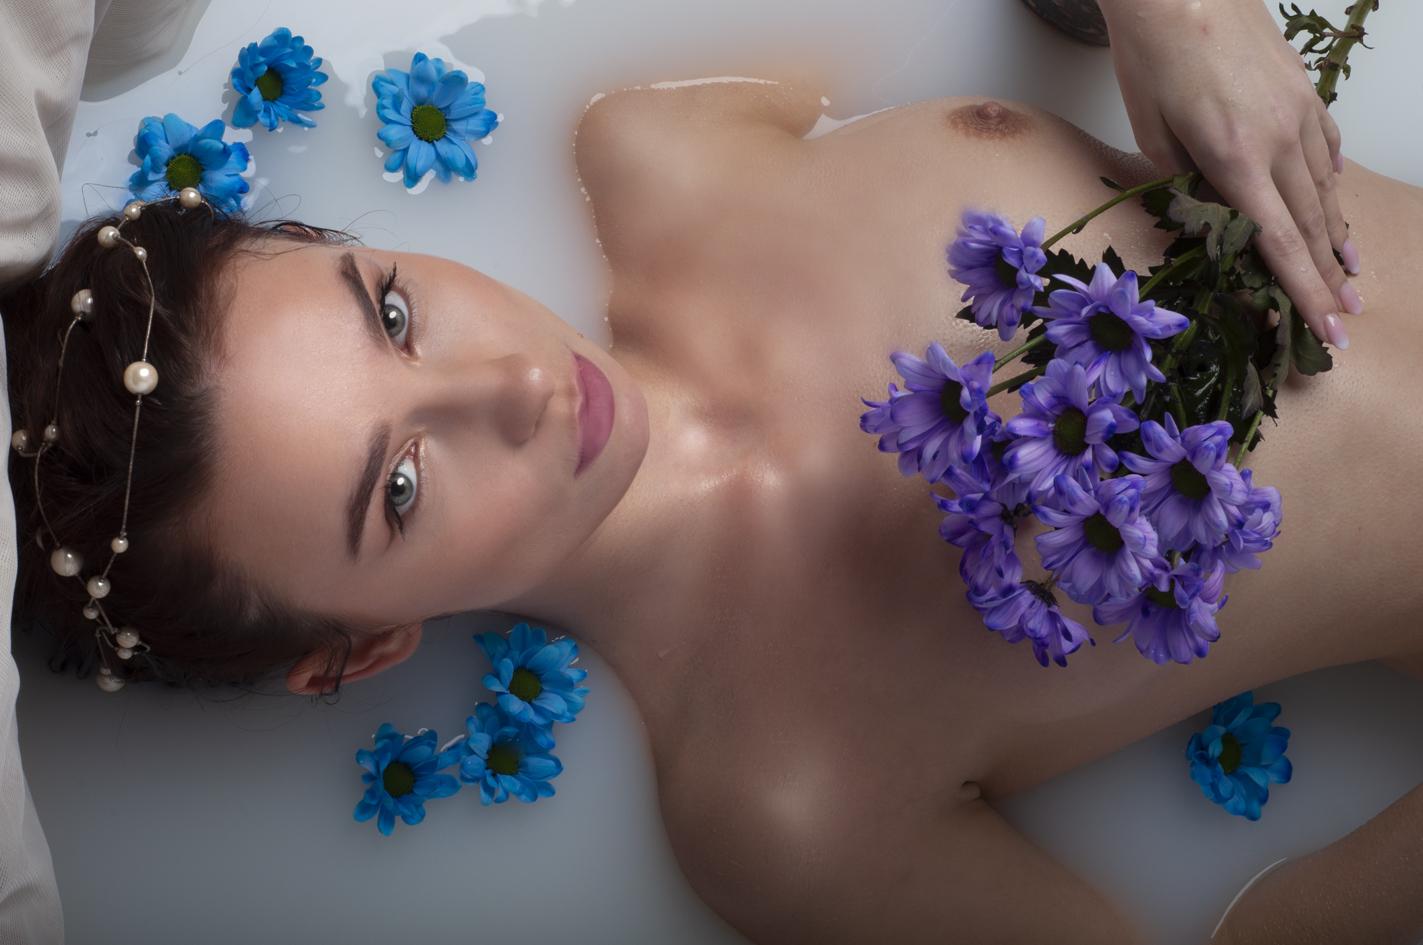 pozowała: Magdalena Krystyna Nieprosta, make up: Karina Radzevich, autorką zdjęcia jest Kinga Bartkowska